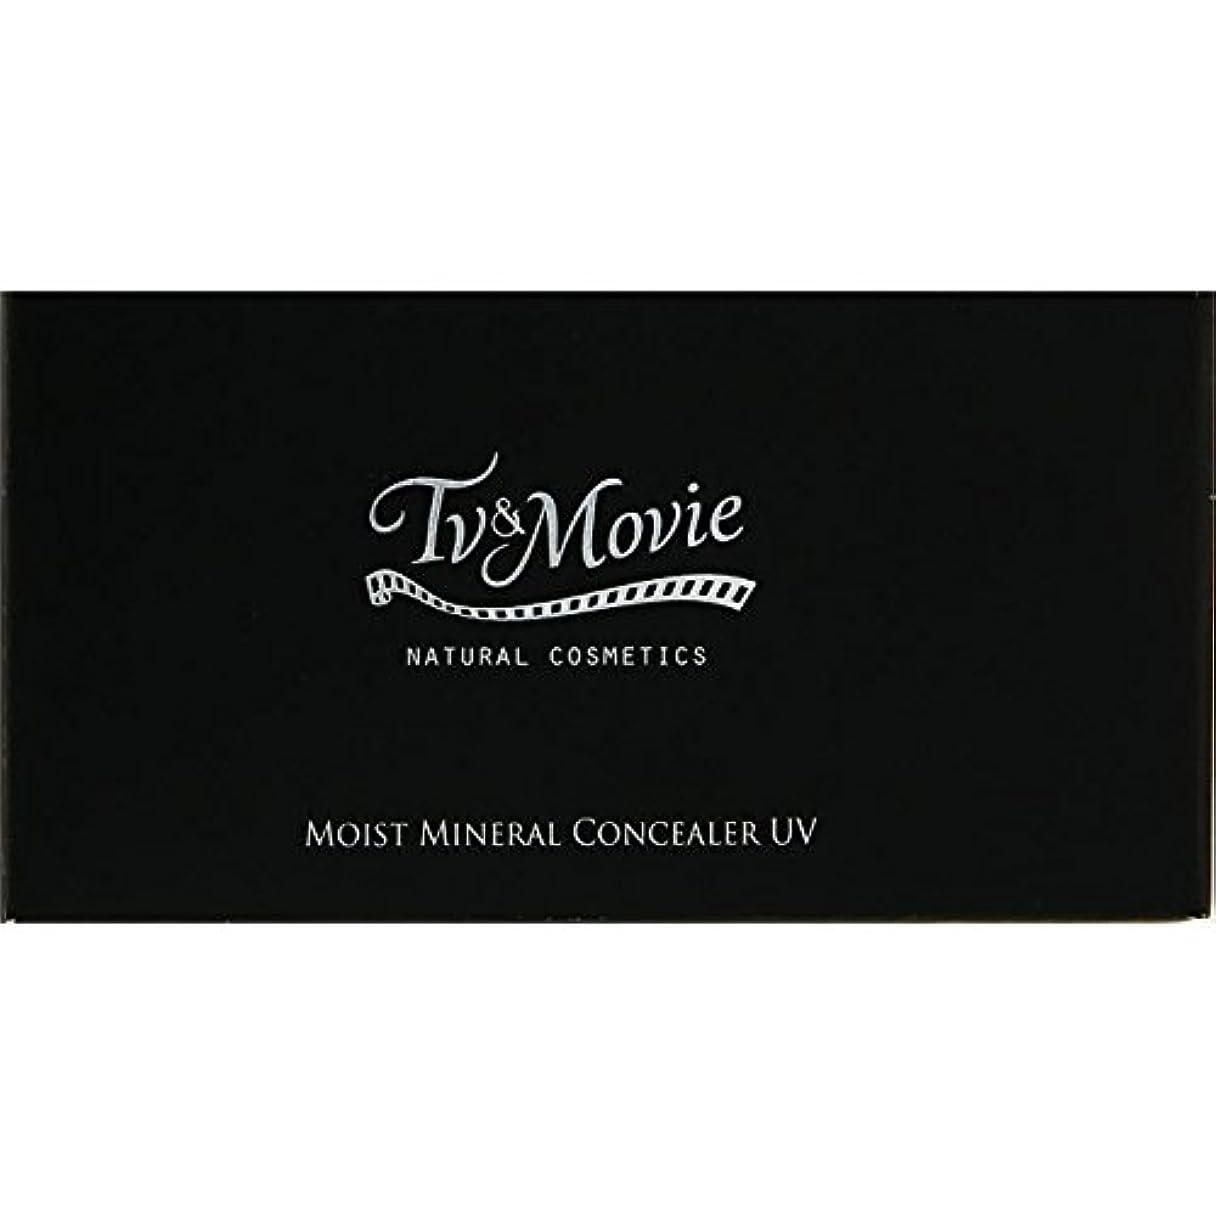 矛盾する開いた序文(株)T&M TV&MOVIE モイストミネラルコンシーラUV 3色セット 各1G